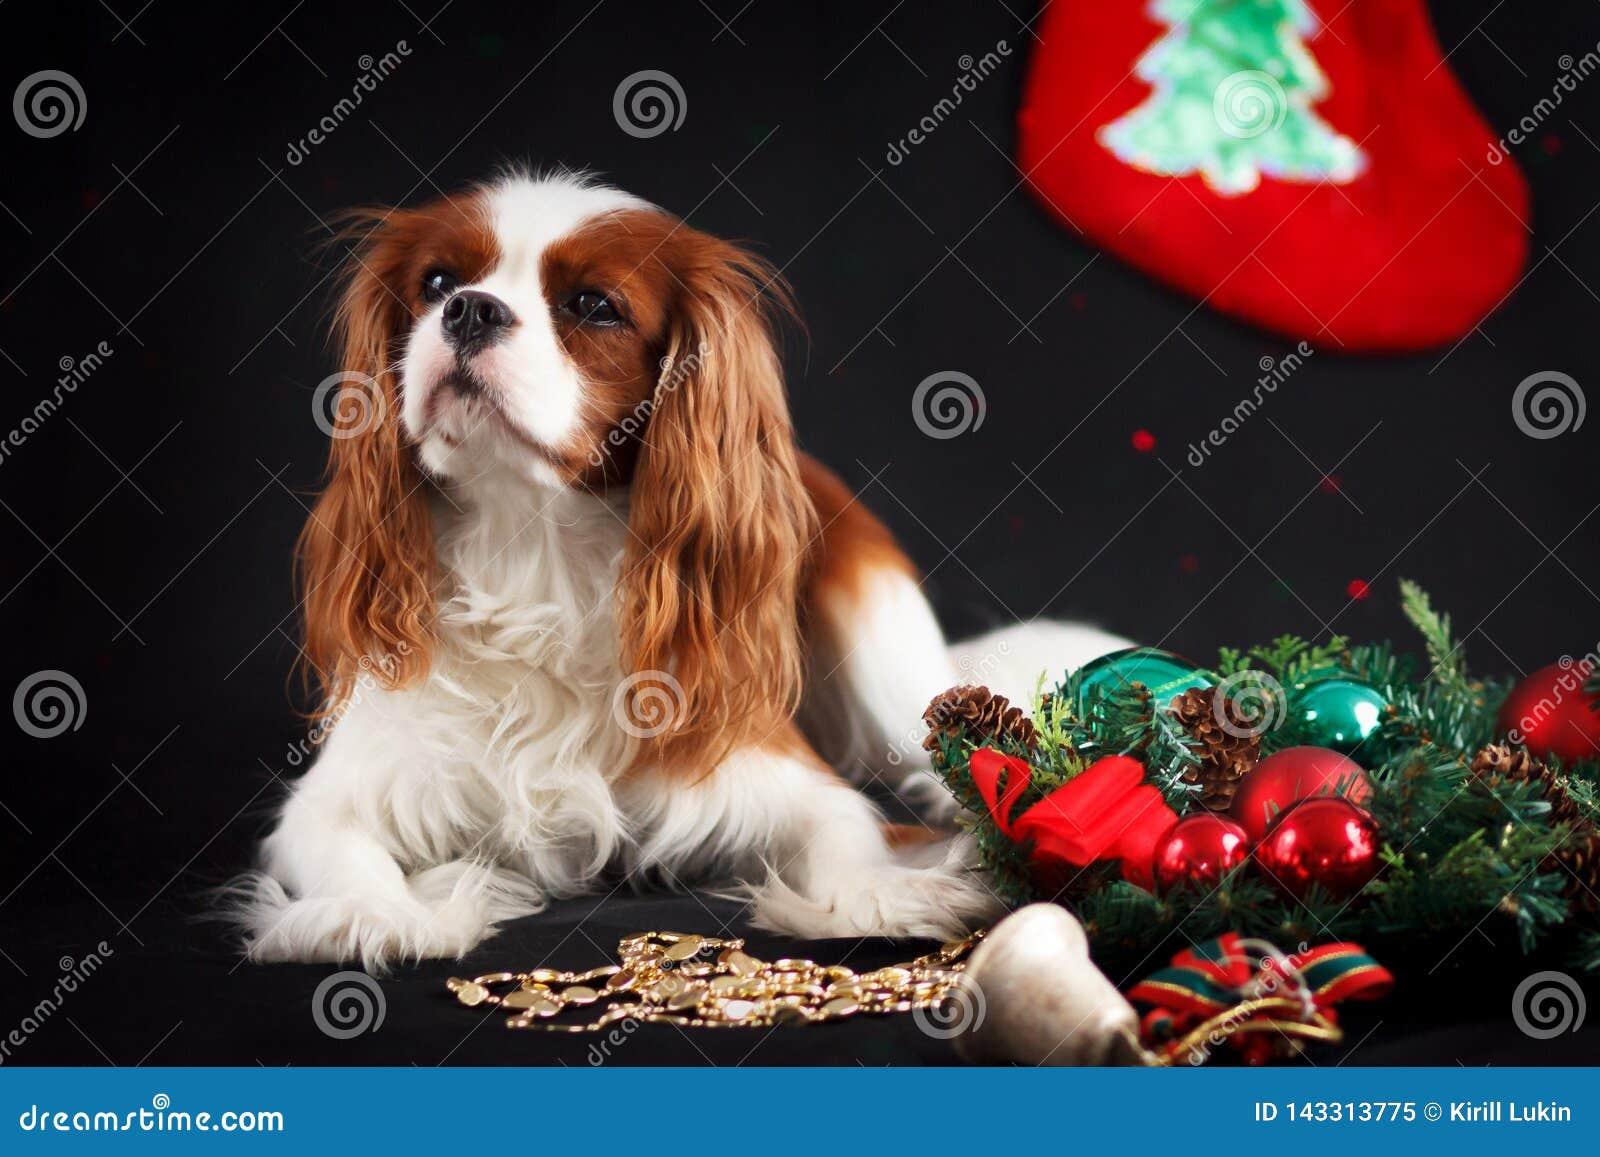 Foto do Natal do spaniel de rei Charles descuidado no fundo preto